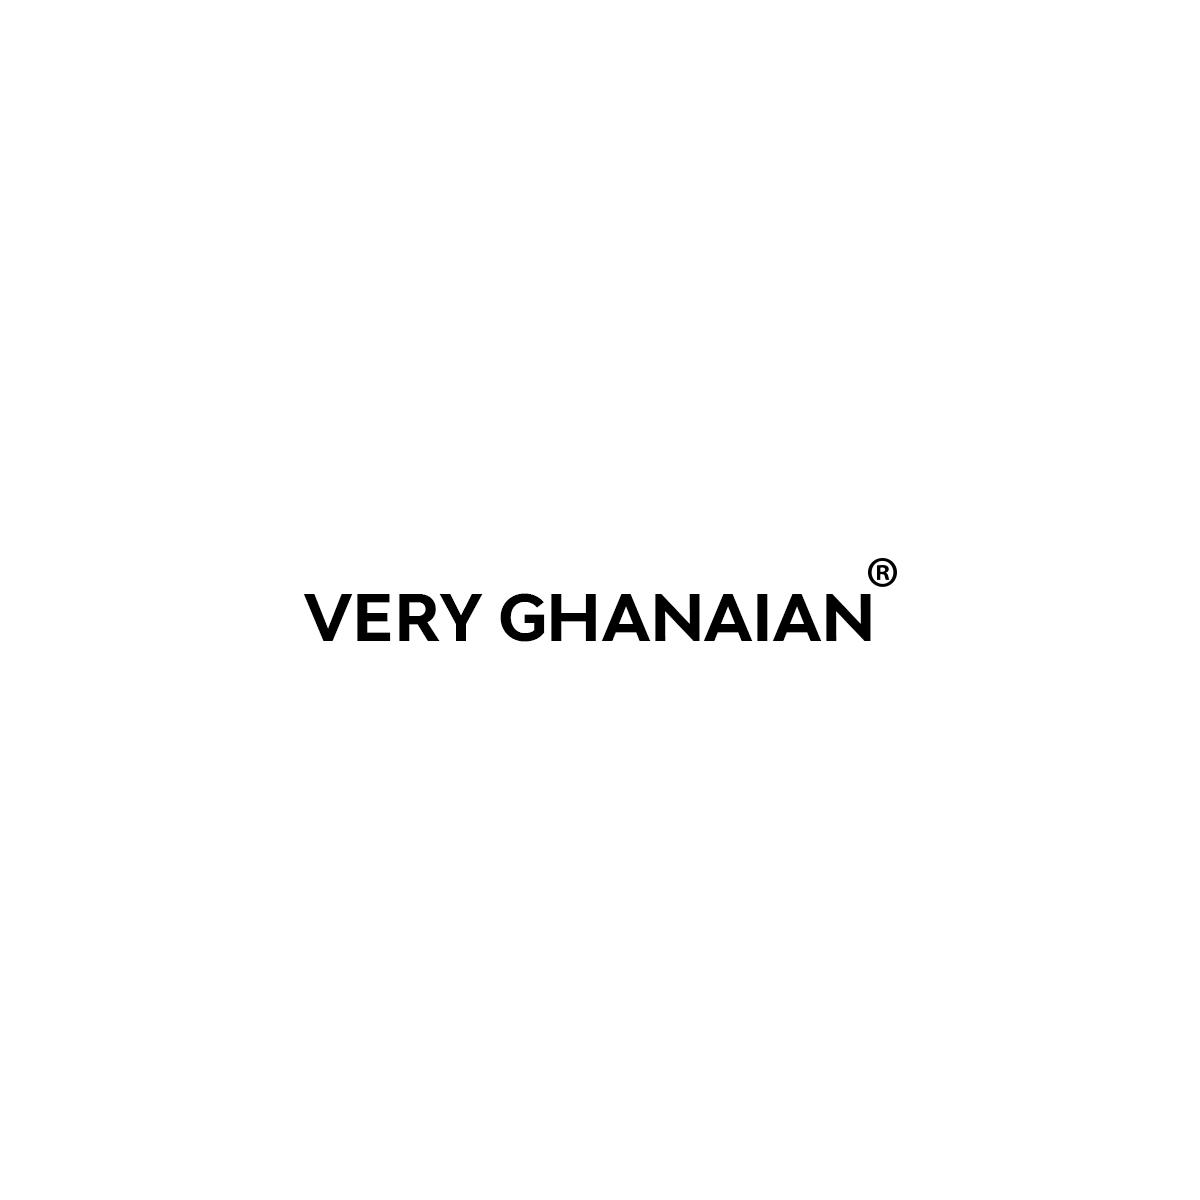 Very Ghanaian